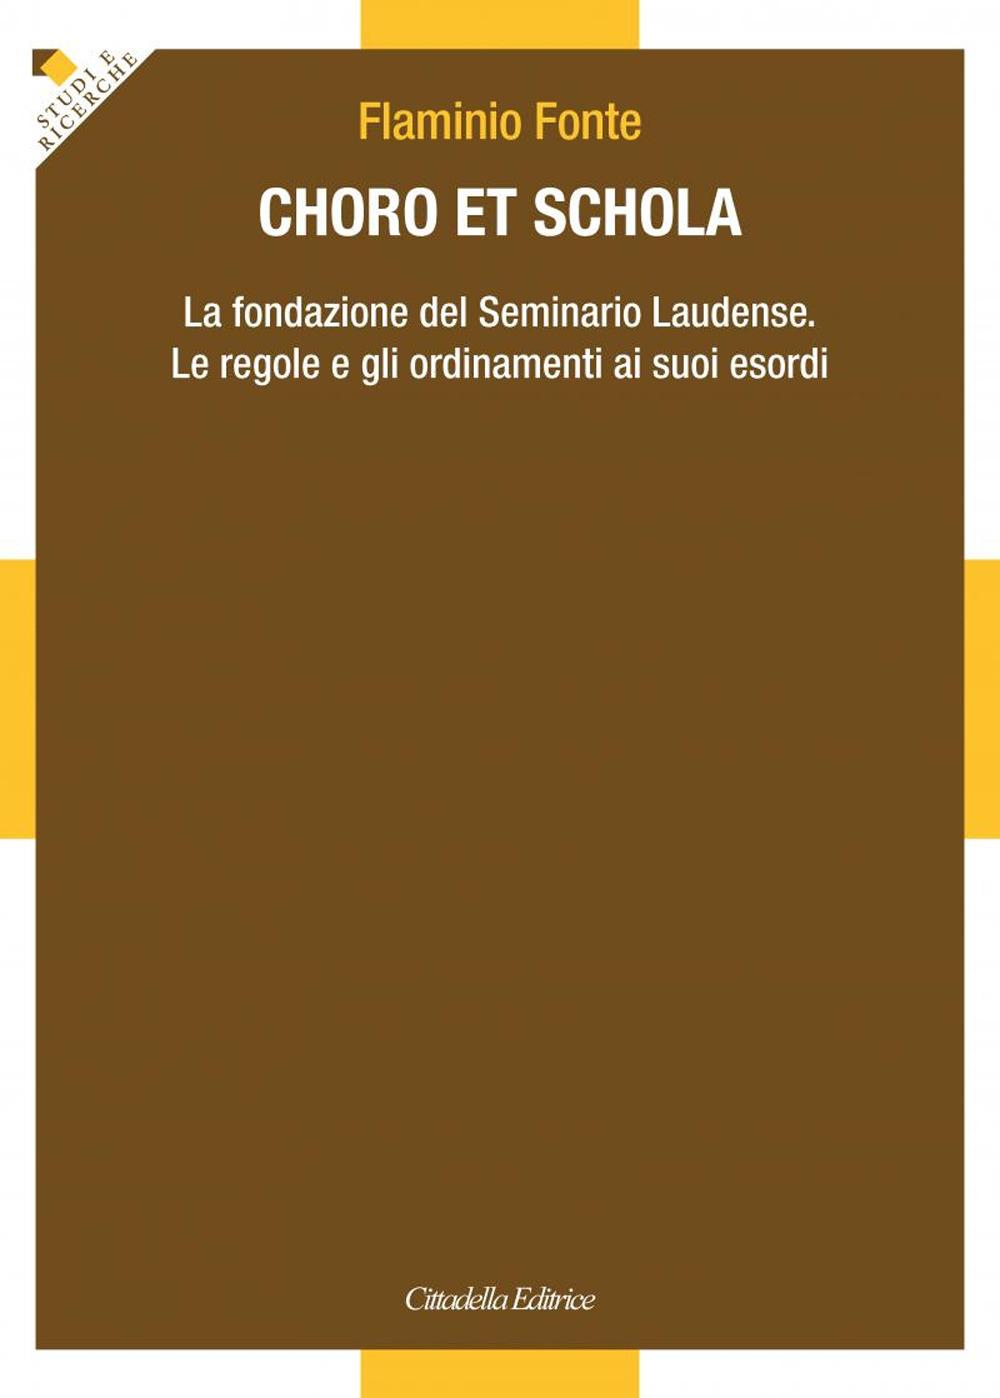 Image of Choro et Schola. La fondazione del Seminario Laudense. Le regole e..